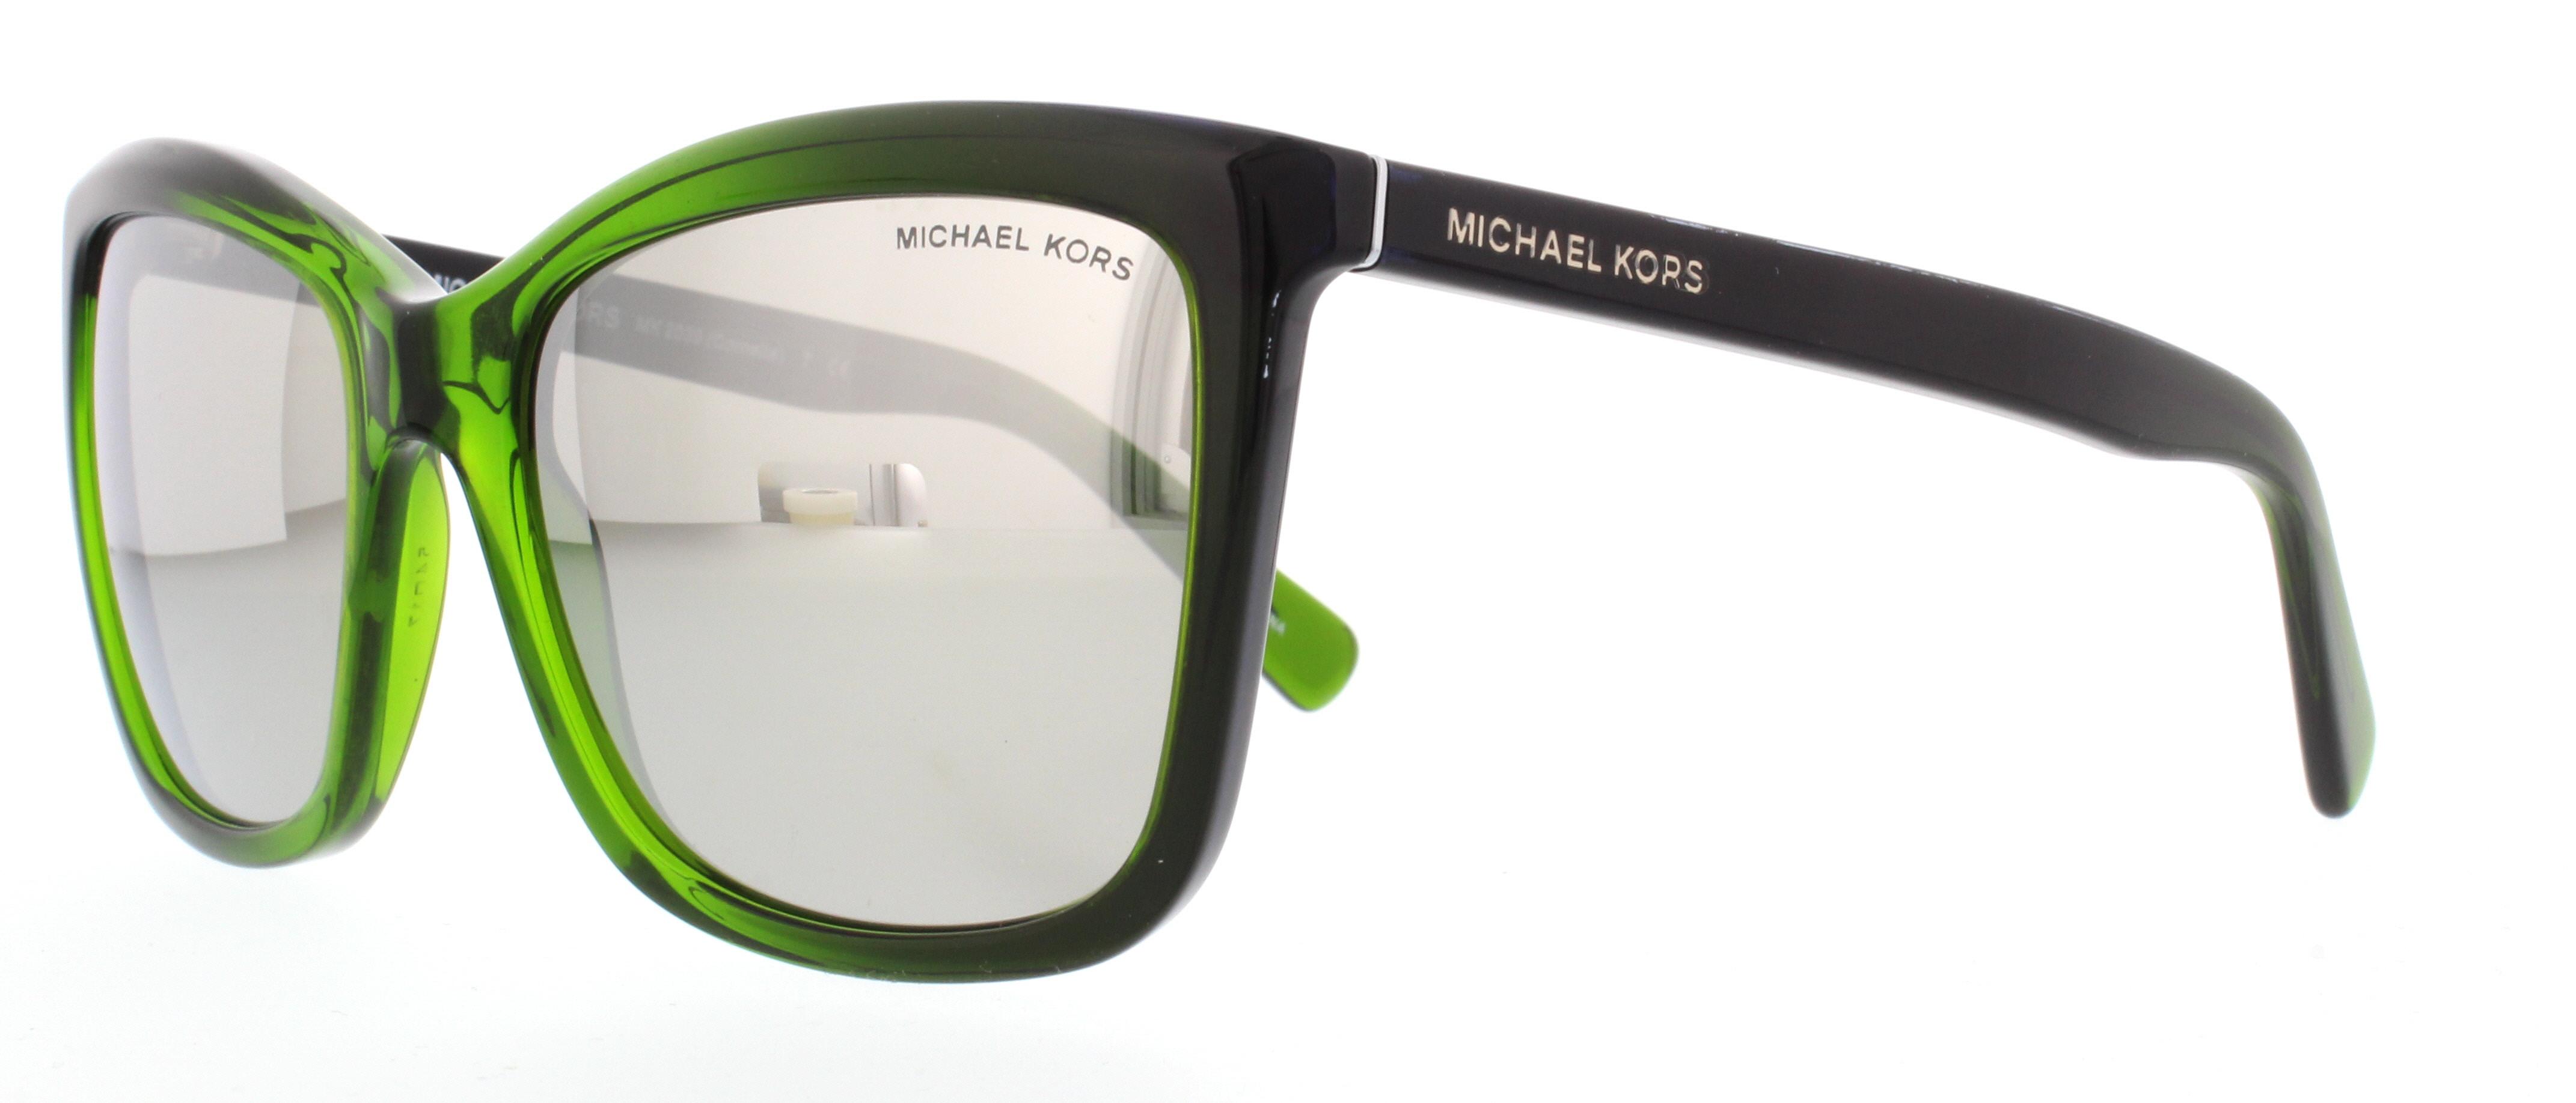 b5198e4ed50f6 Designer Frames Outlet. Michael Kors MK2039 Cornelia